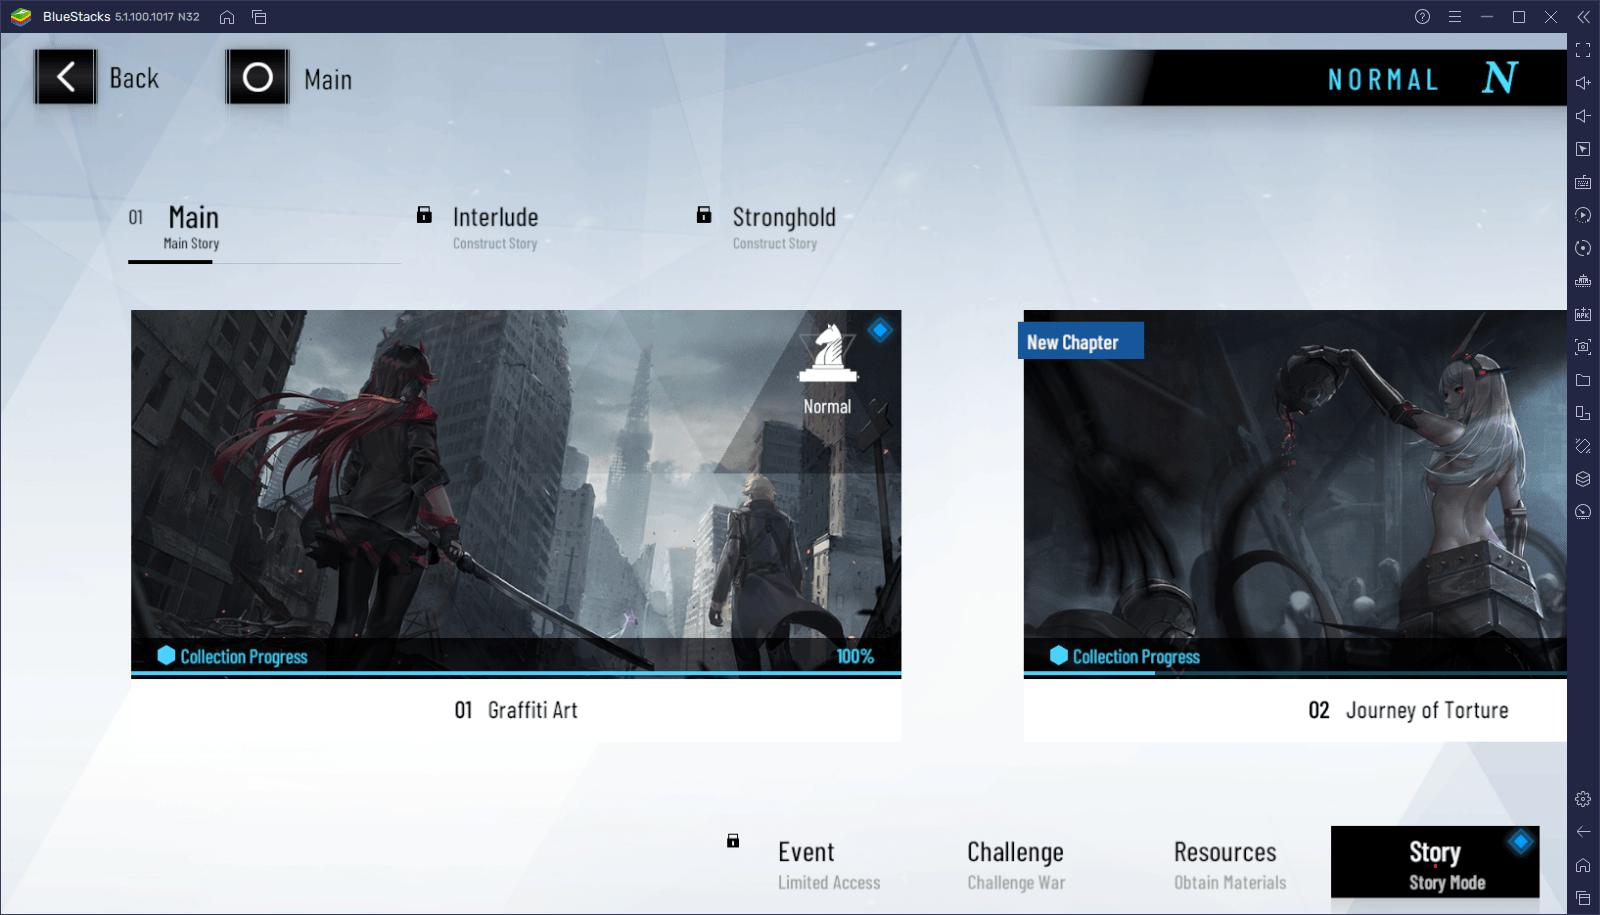 Punishing: Gray Raven – Guia de re-rolagem: Invoque os melhores personagens no começo do jogo